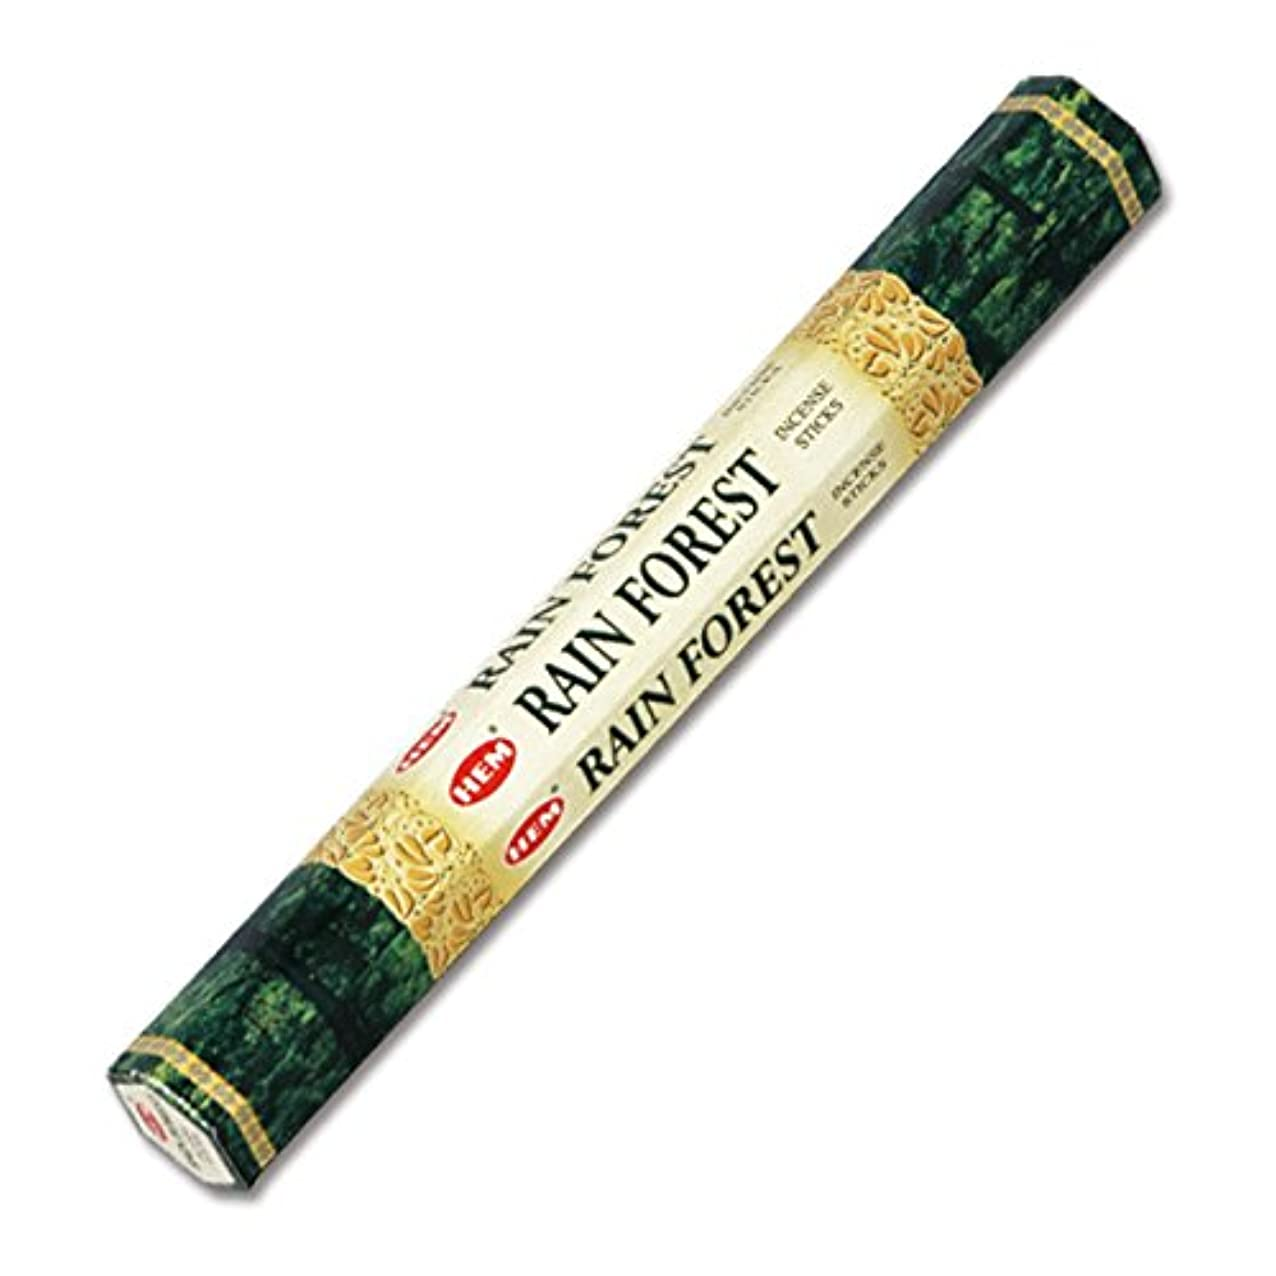 分類する鉛率直なHEM(ヘム) レインフォレスト RAIN FOREST スティックタイプ お香 1筒 単品 [並行輸入品]